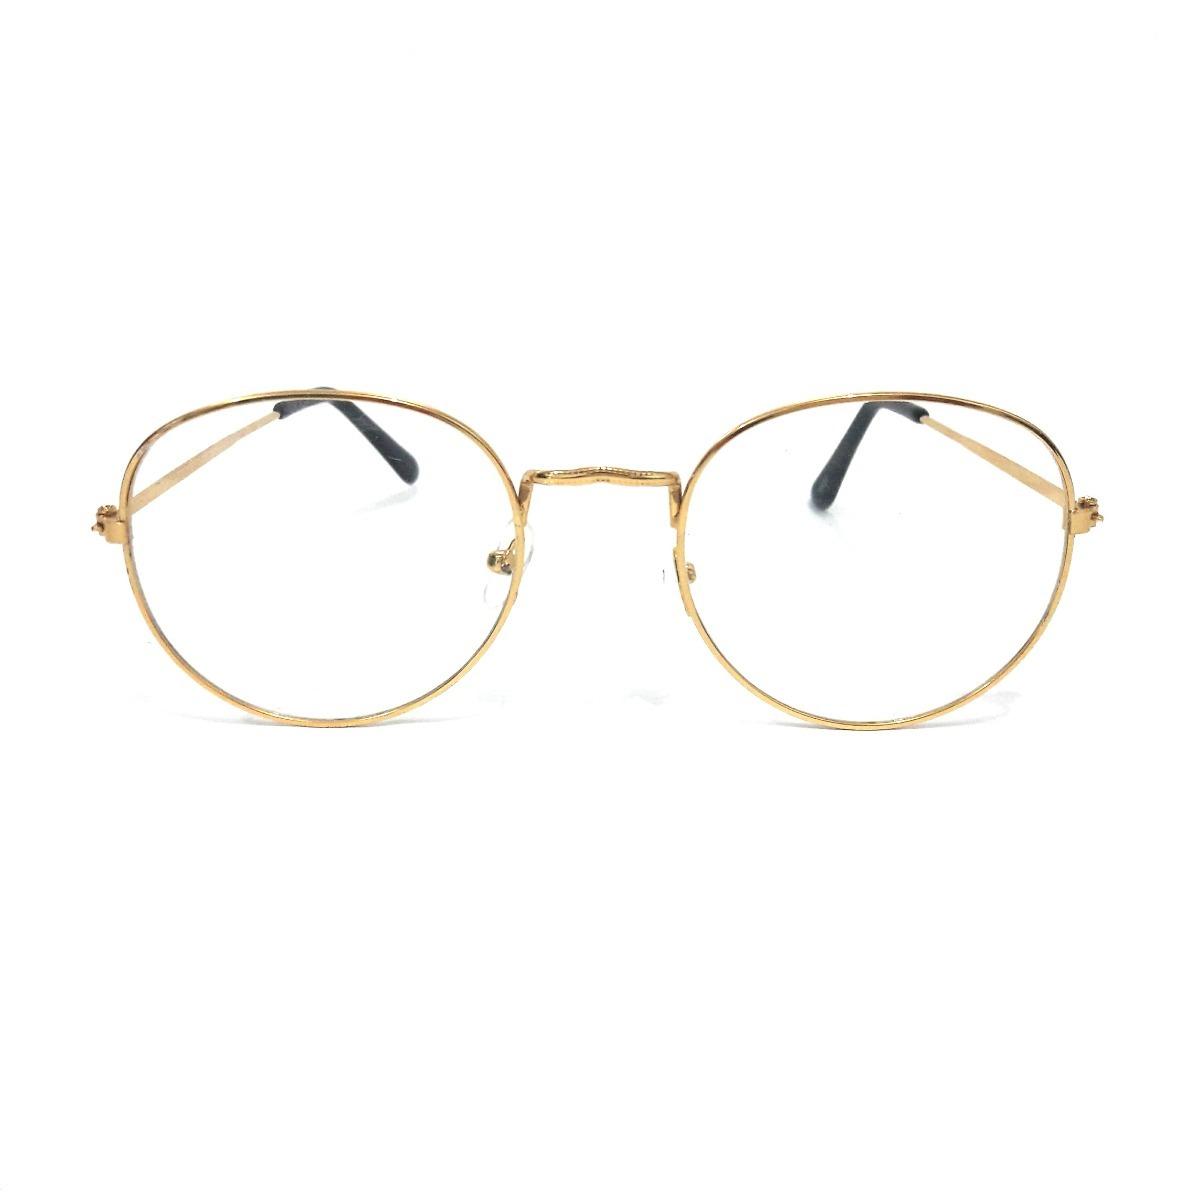 3a14039e0 Armação Óculos Grau Redondo Feminino Masculino Dourado 1805 - R$ 49 ...